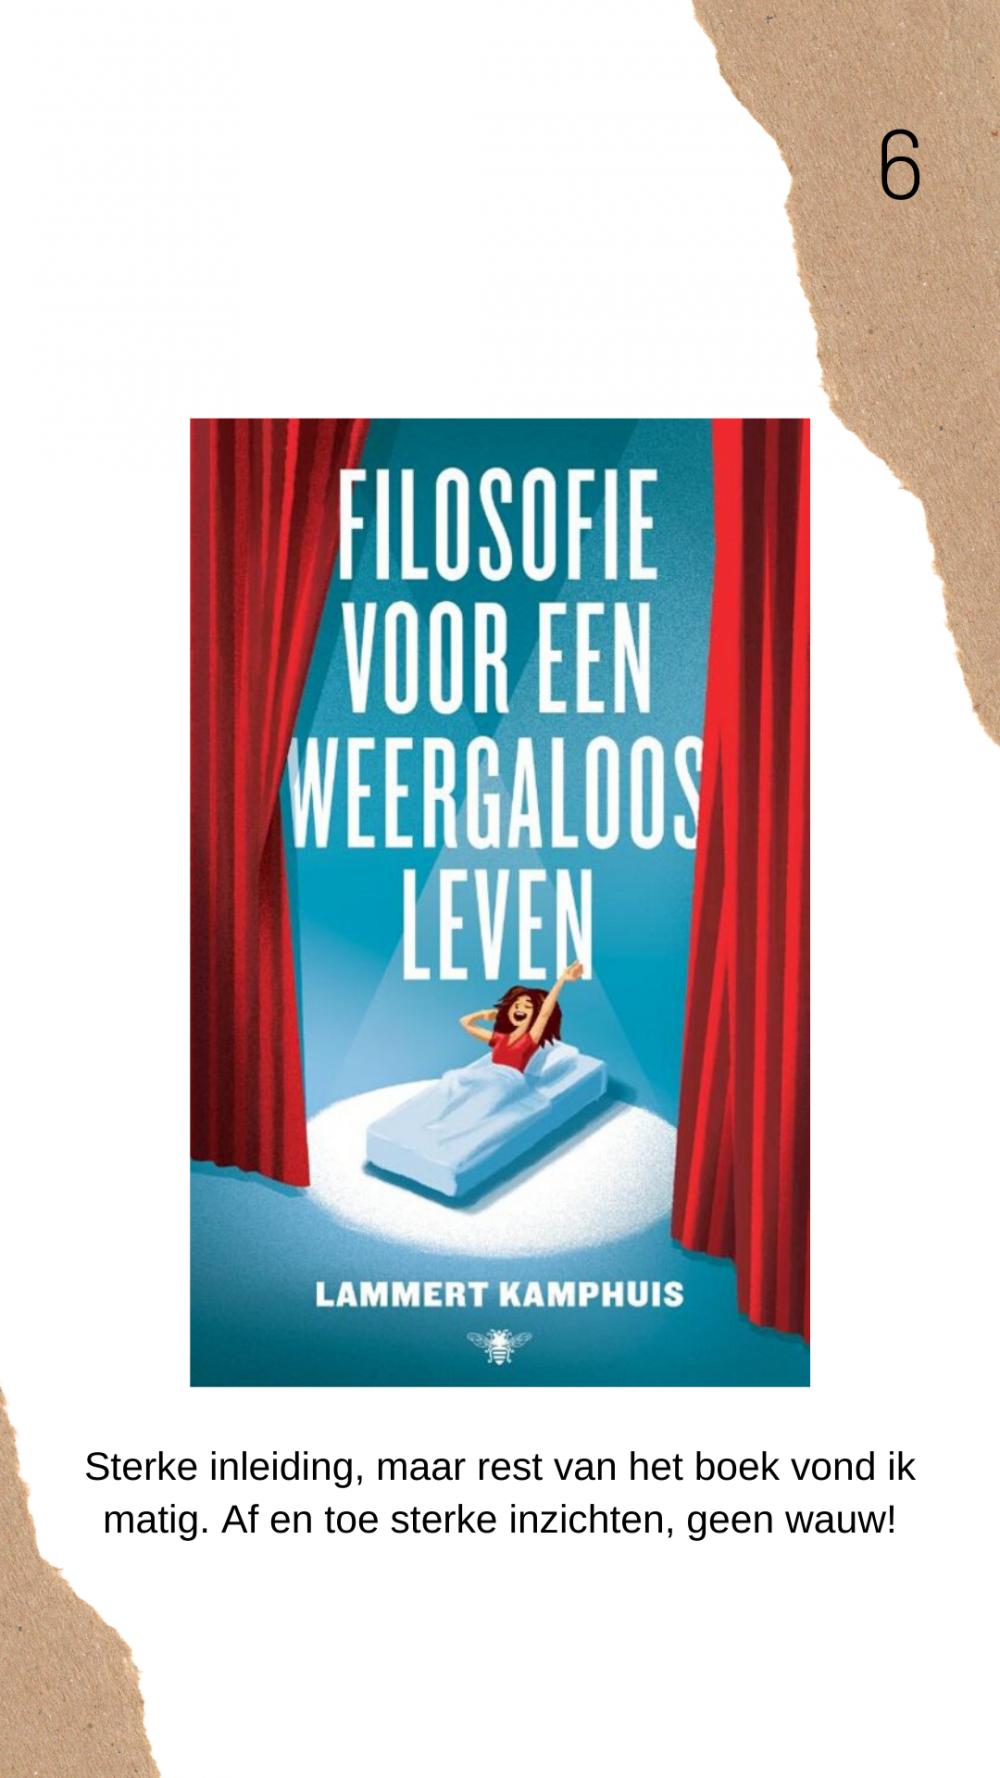 Filosofie weergaloos leven boek review